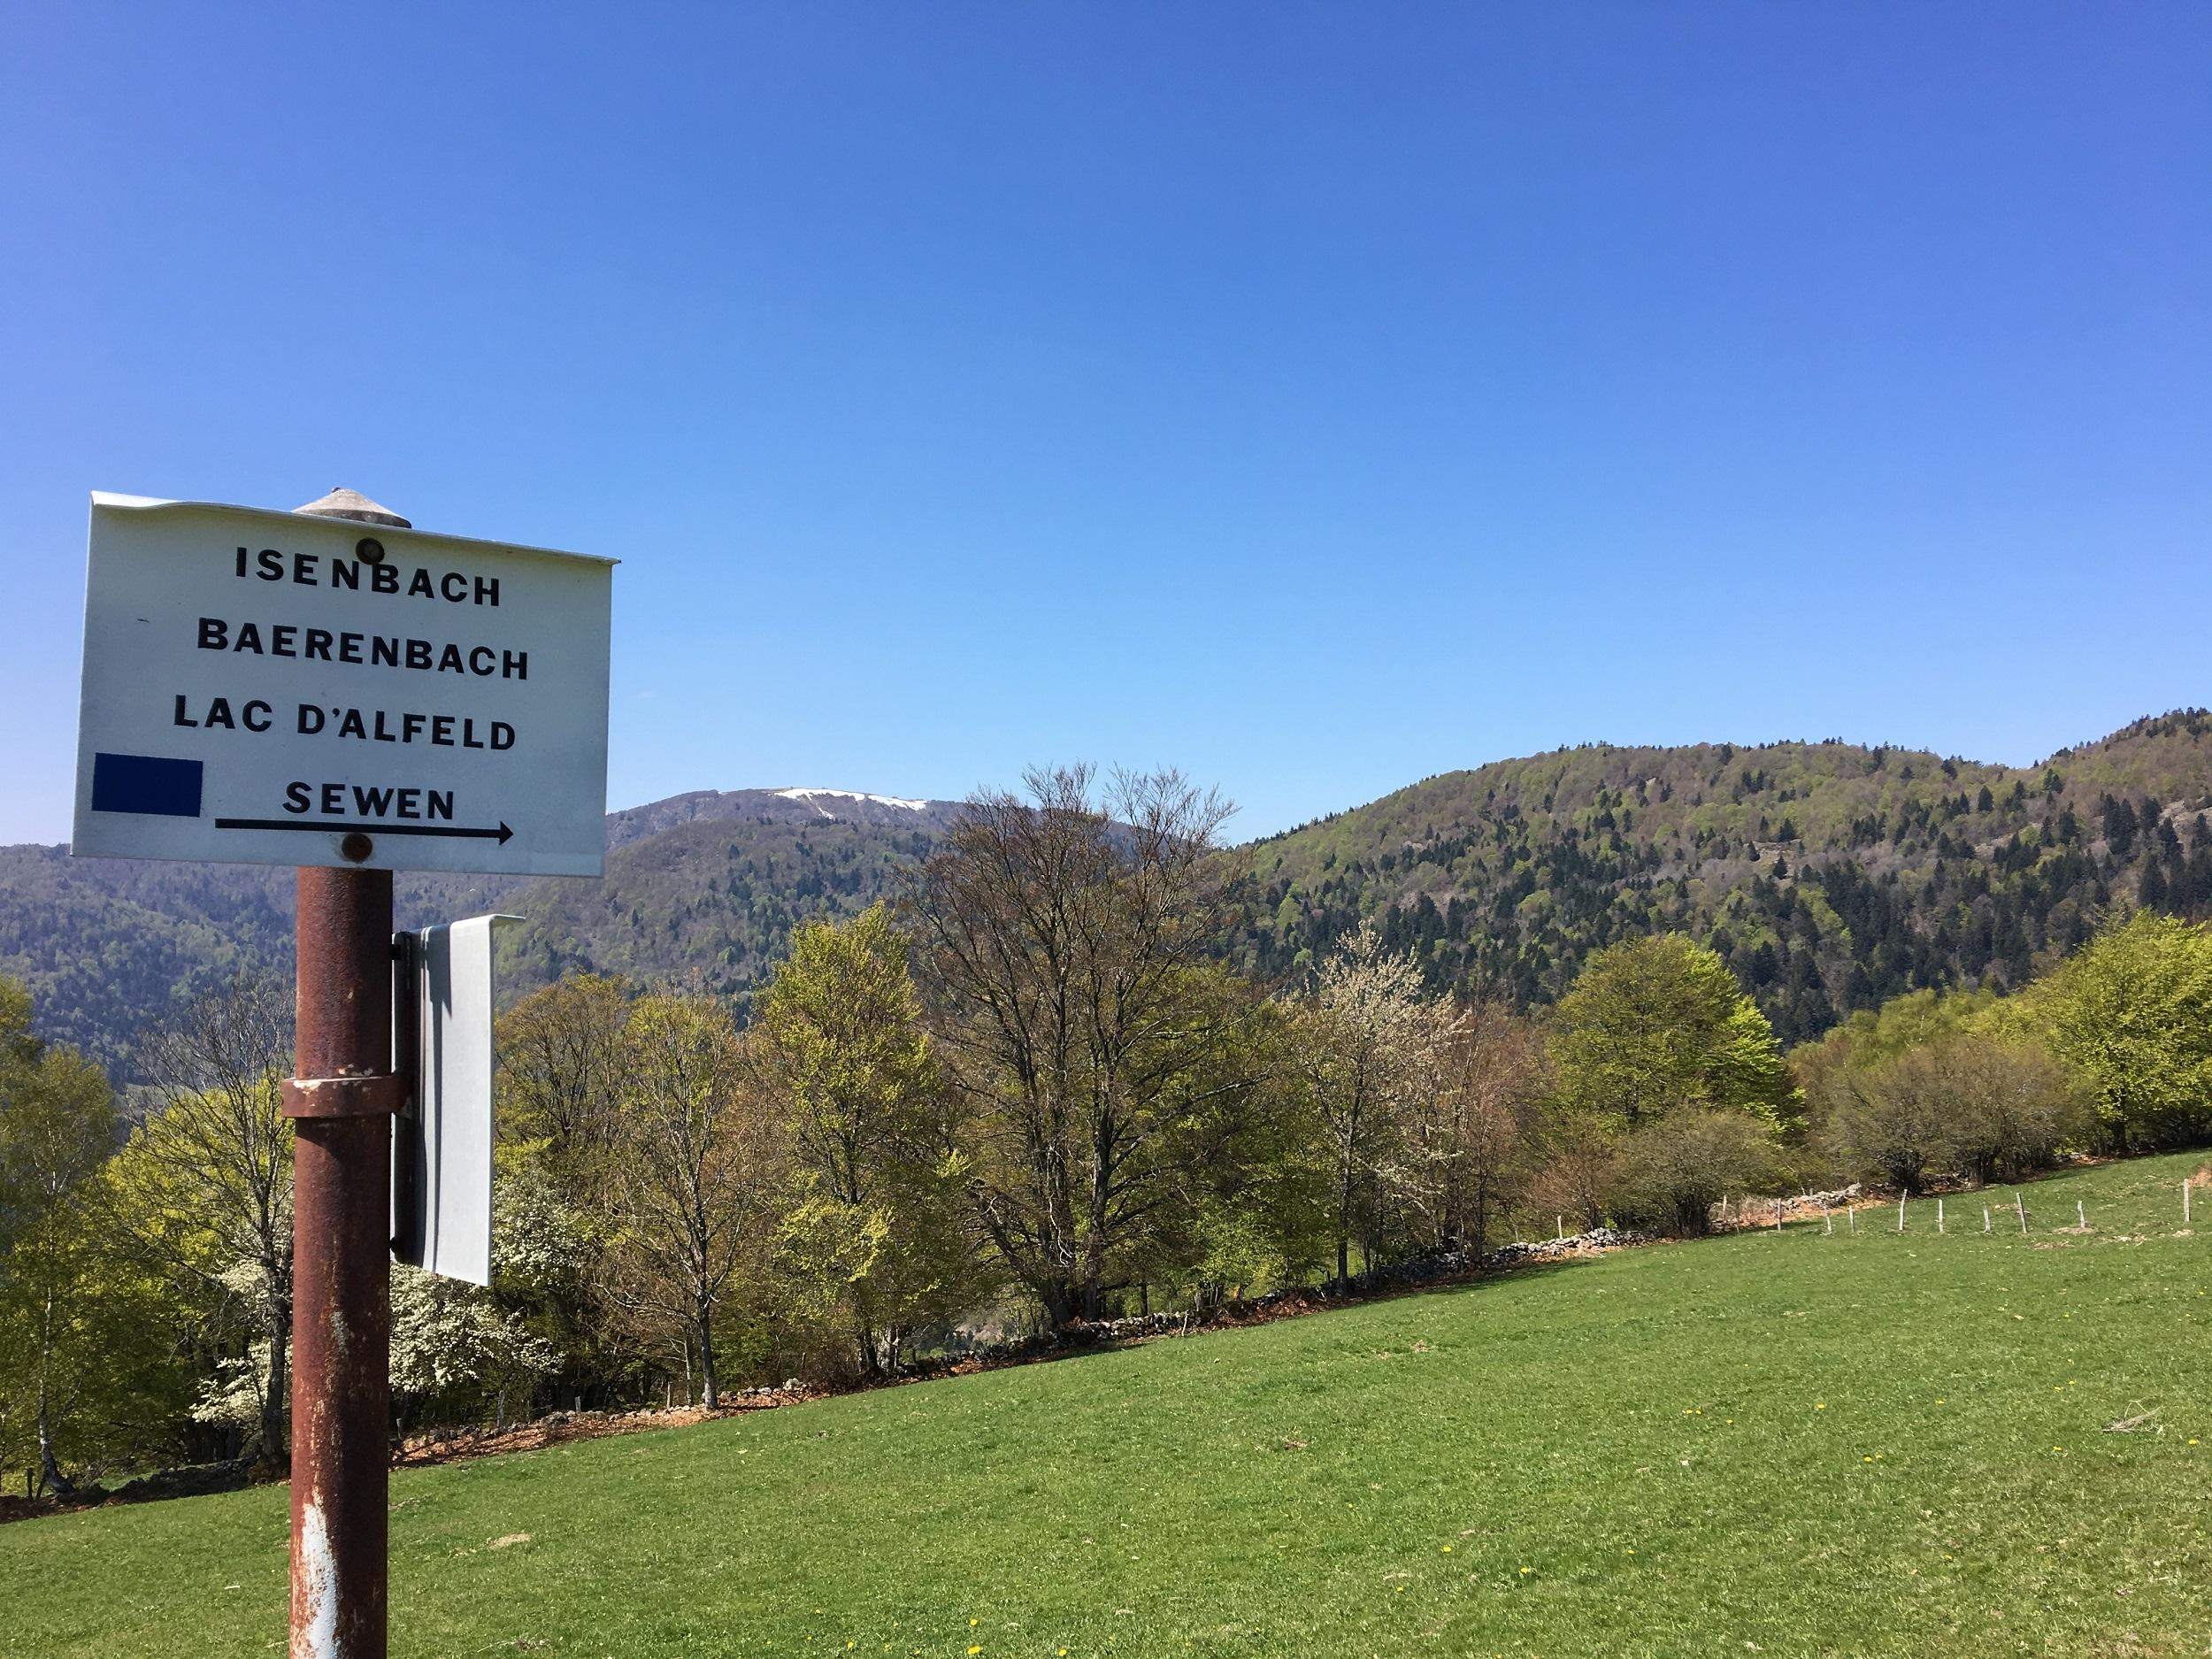 Le massif du Ballon d'Alsace dispose d'atouts, comme la randonnée, que les présidents des départements du Territoire de Belfort et du Haut-Rhin veulent mettre en valeur à l'avenir. (Photo Pierre-Yves Ratti)